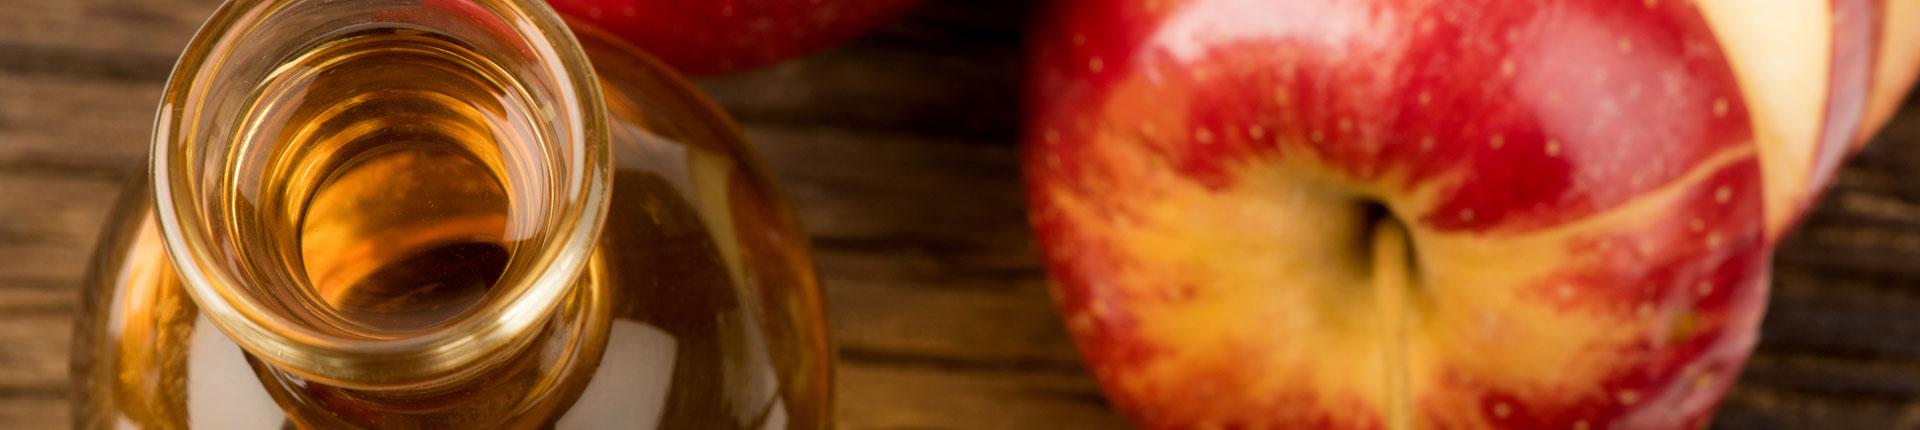 Ocet jabłkowy - niesamowite zastosowanie i właściwości lecznicze